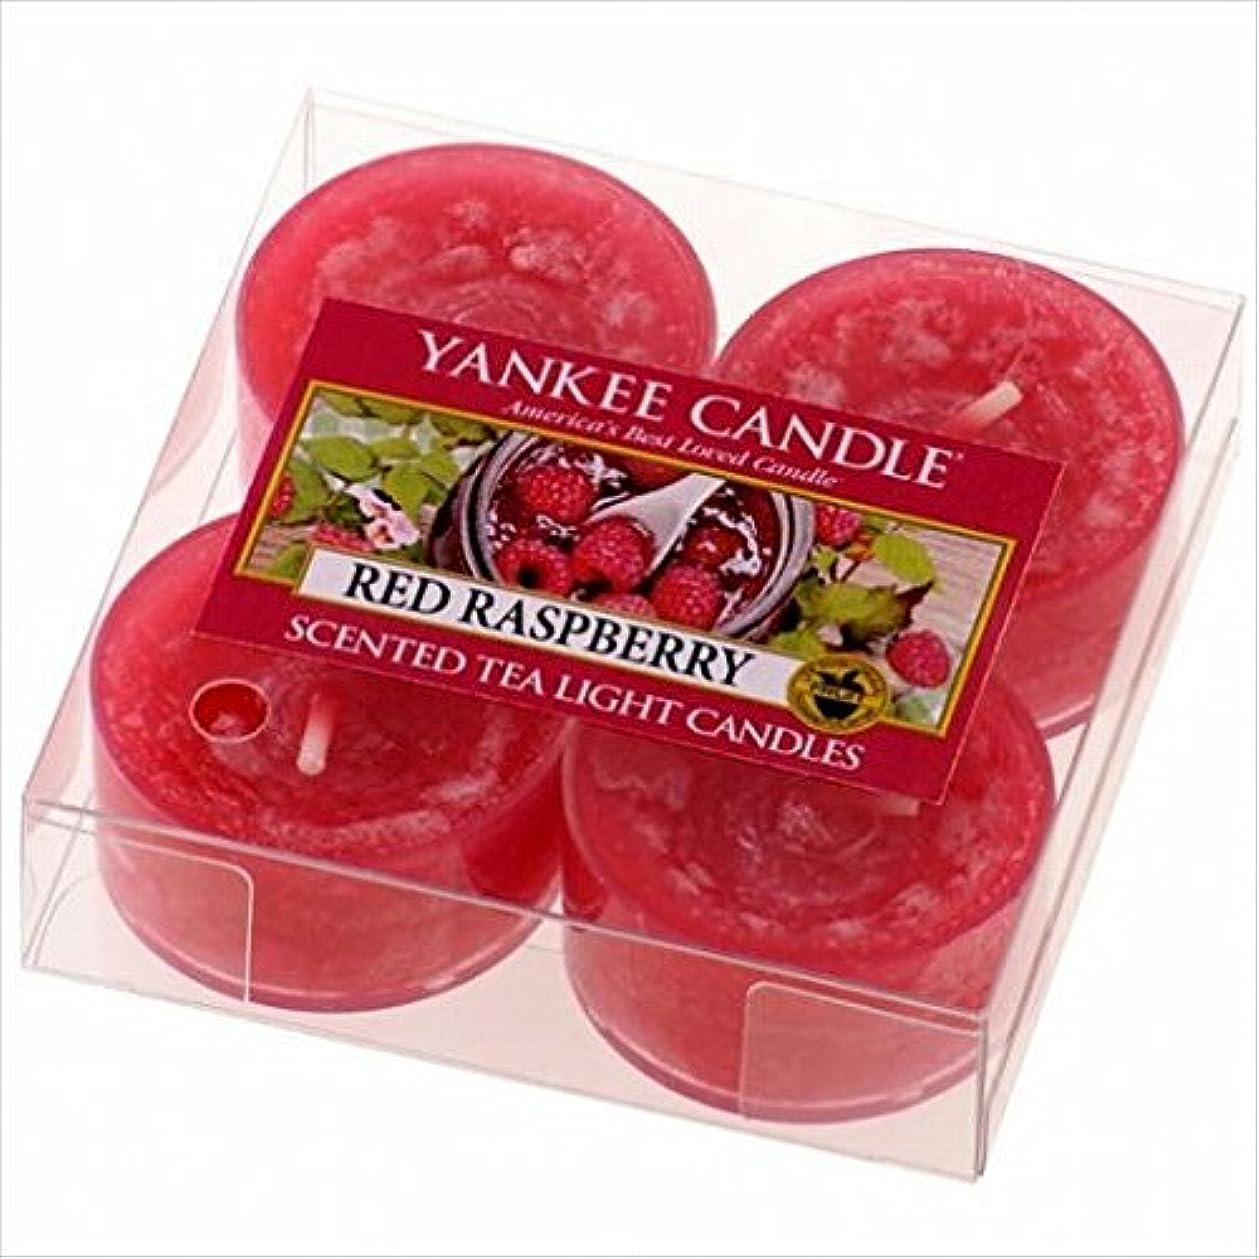 する必要がある当社にぎやかヤンキーキャンドル(YANKEE CANDLE) YANKEE CANDLE クリアカップティーライト4個入り 「 レッドラズベリー 」